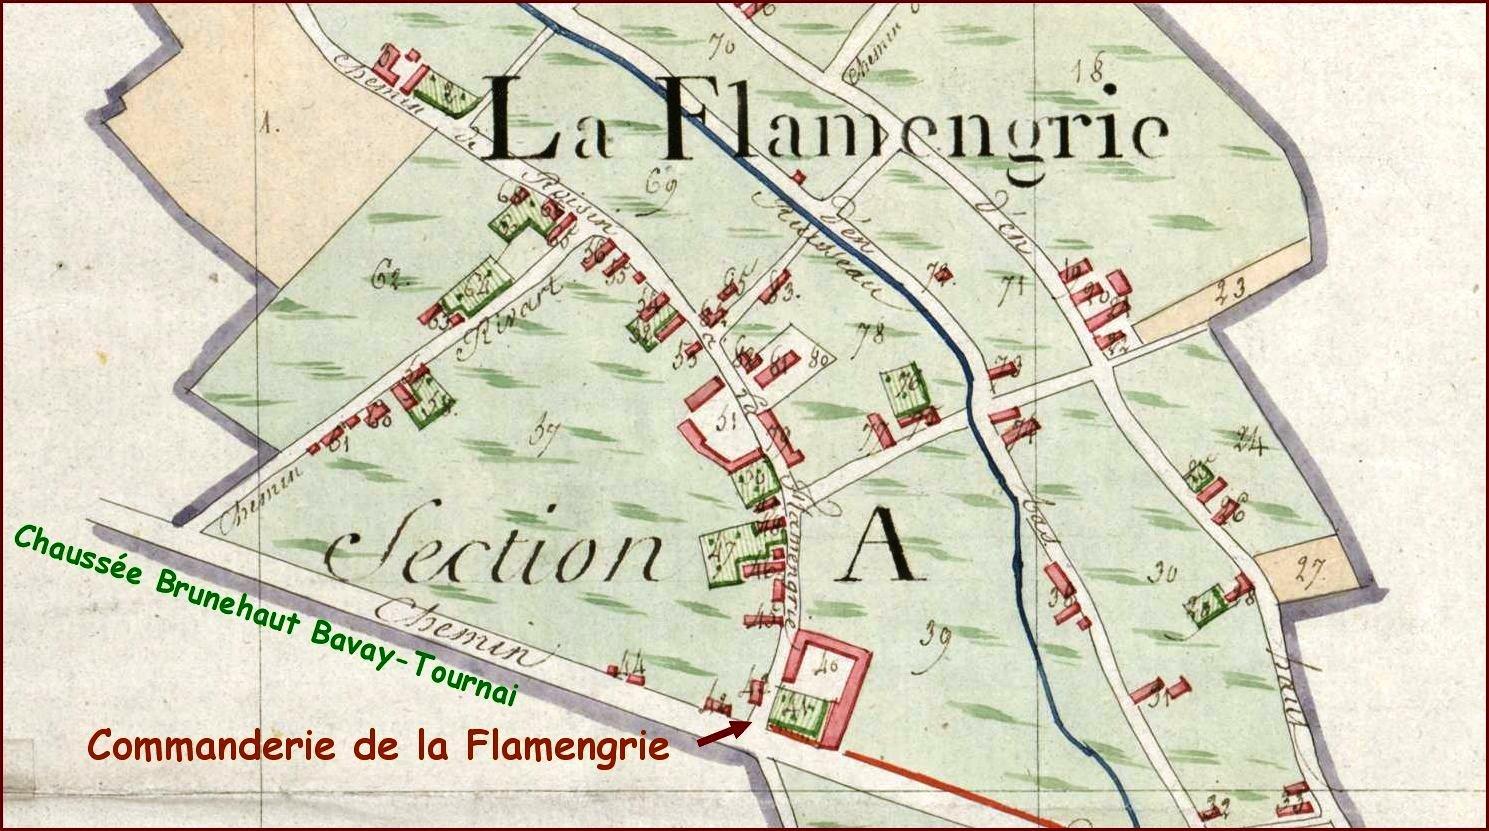 Commanderie de La Flamengrie FRAD059_P30_133_000002